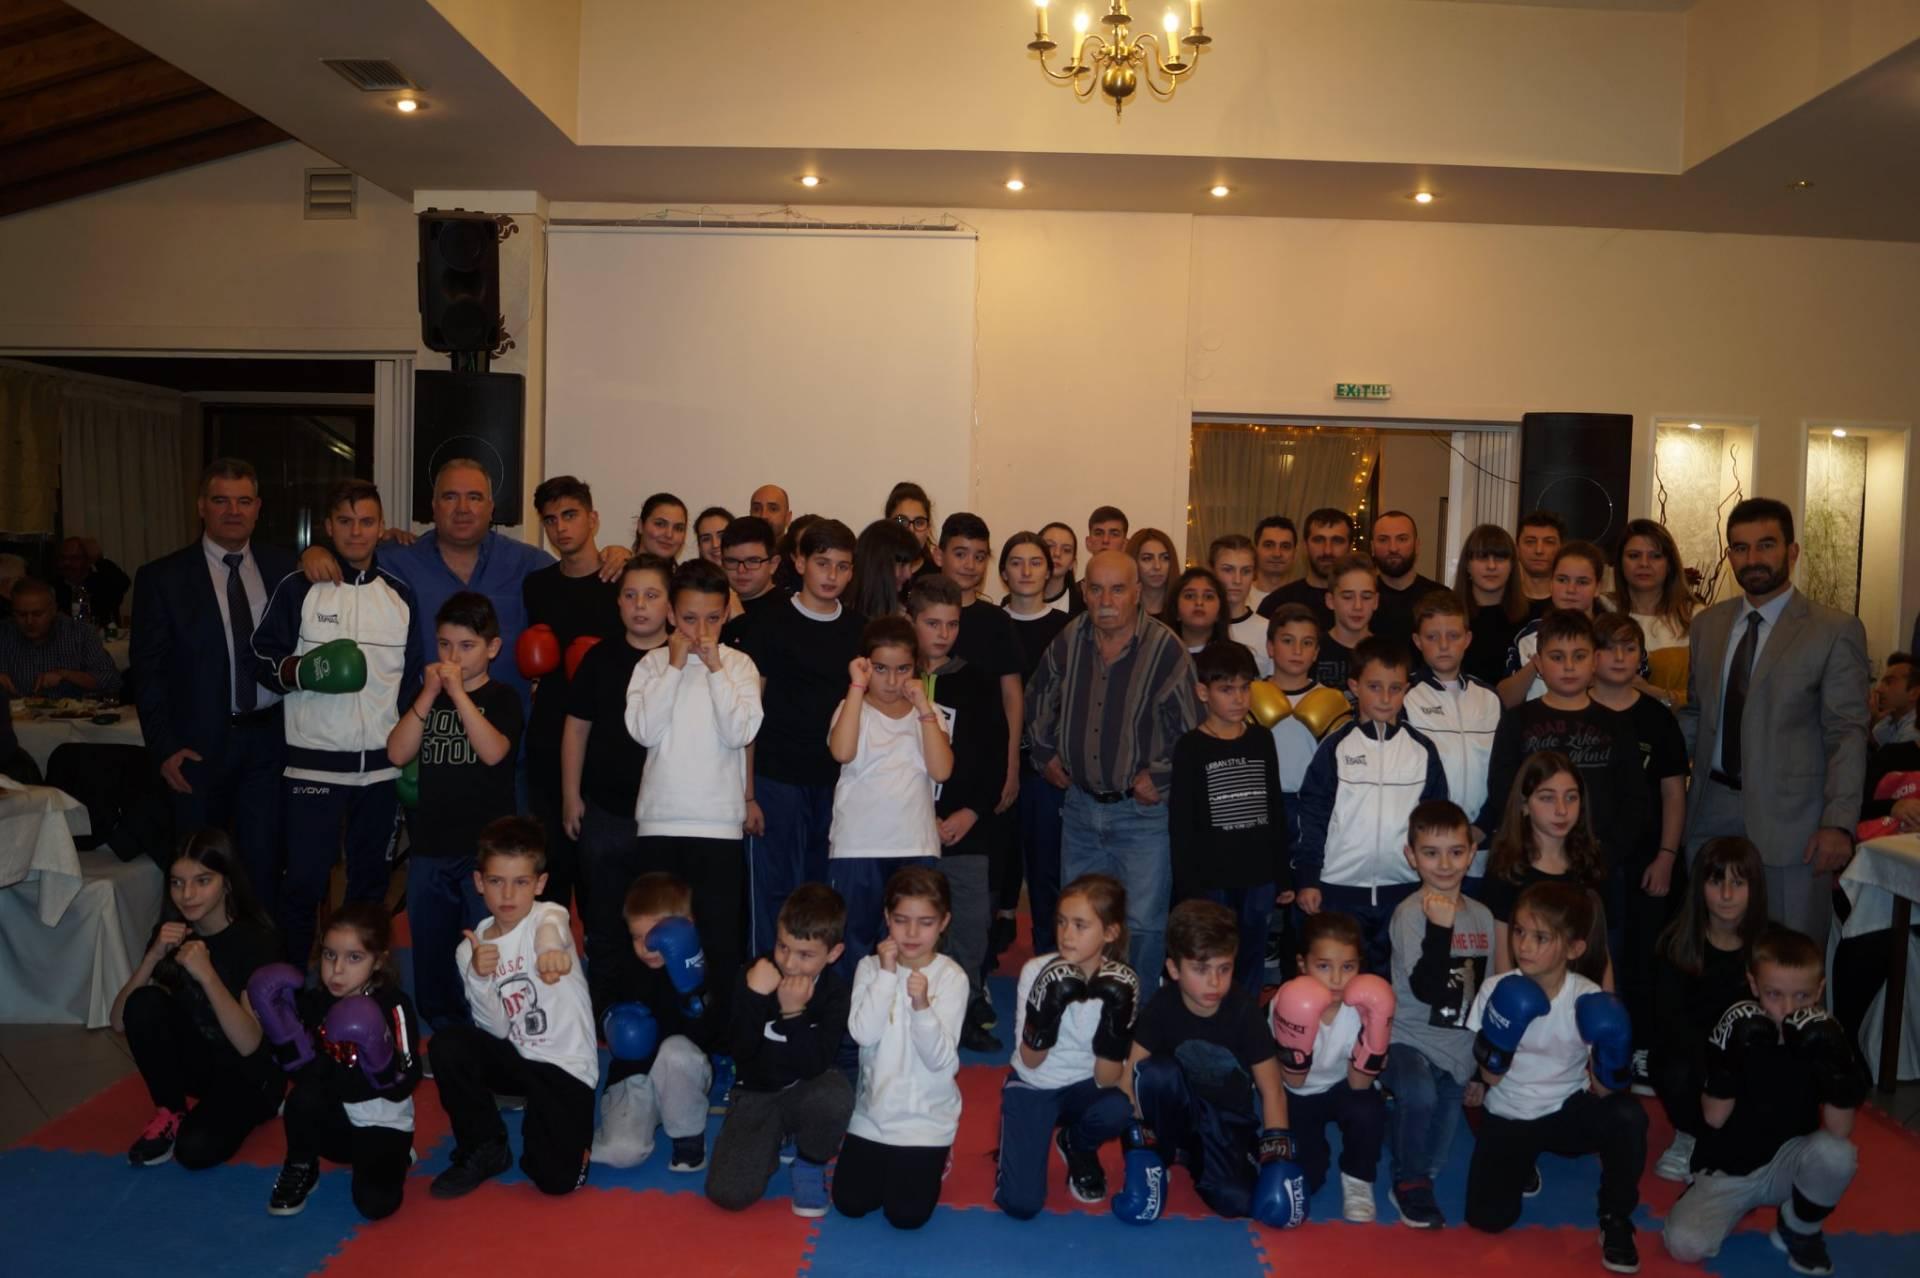 Eτήσια εκδήλωση για τον Α.Γ.Σ. Ελιμειώτη Tsepidis Boxing Club